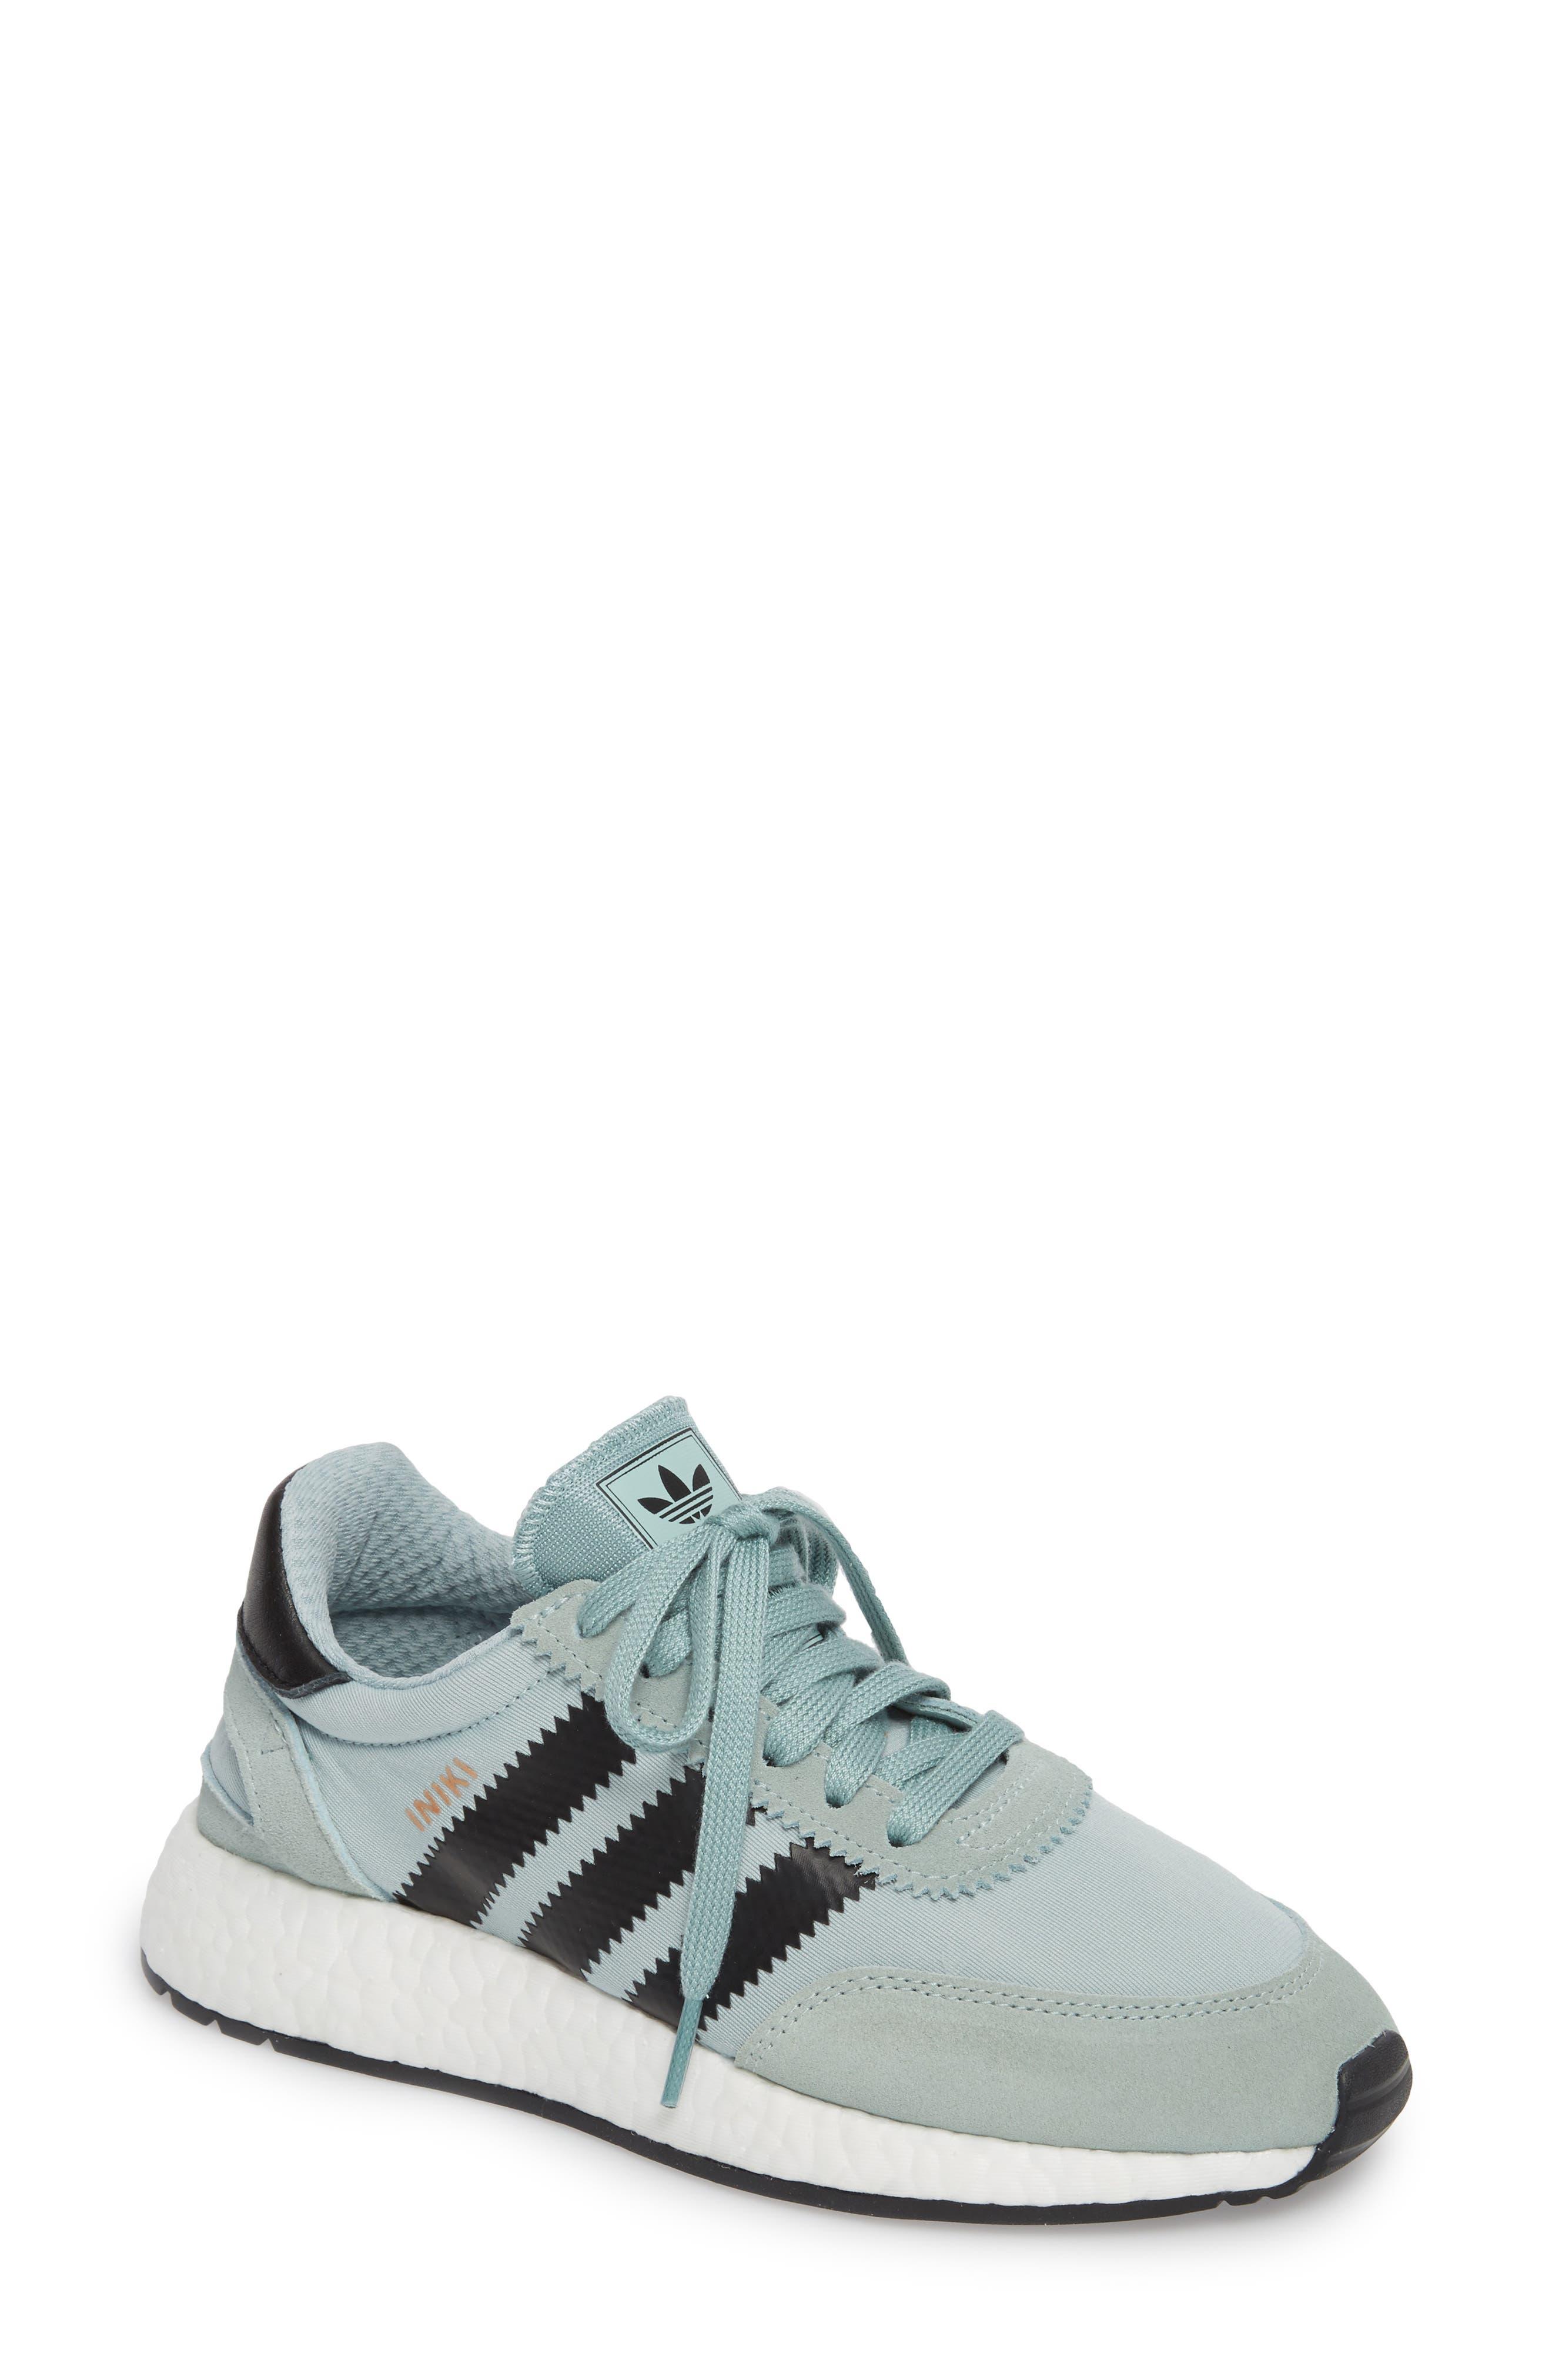 I-5923 Sneaker,                             Main thumbnail 1, color,                             Tactile Green/ Black/ White